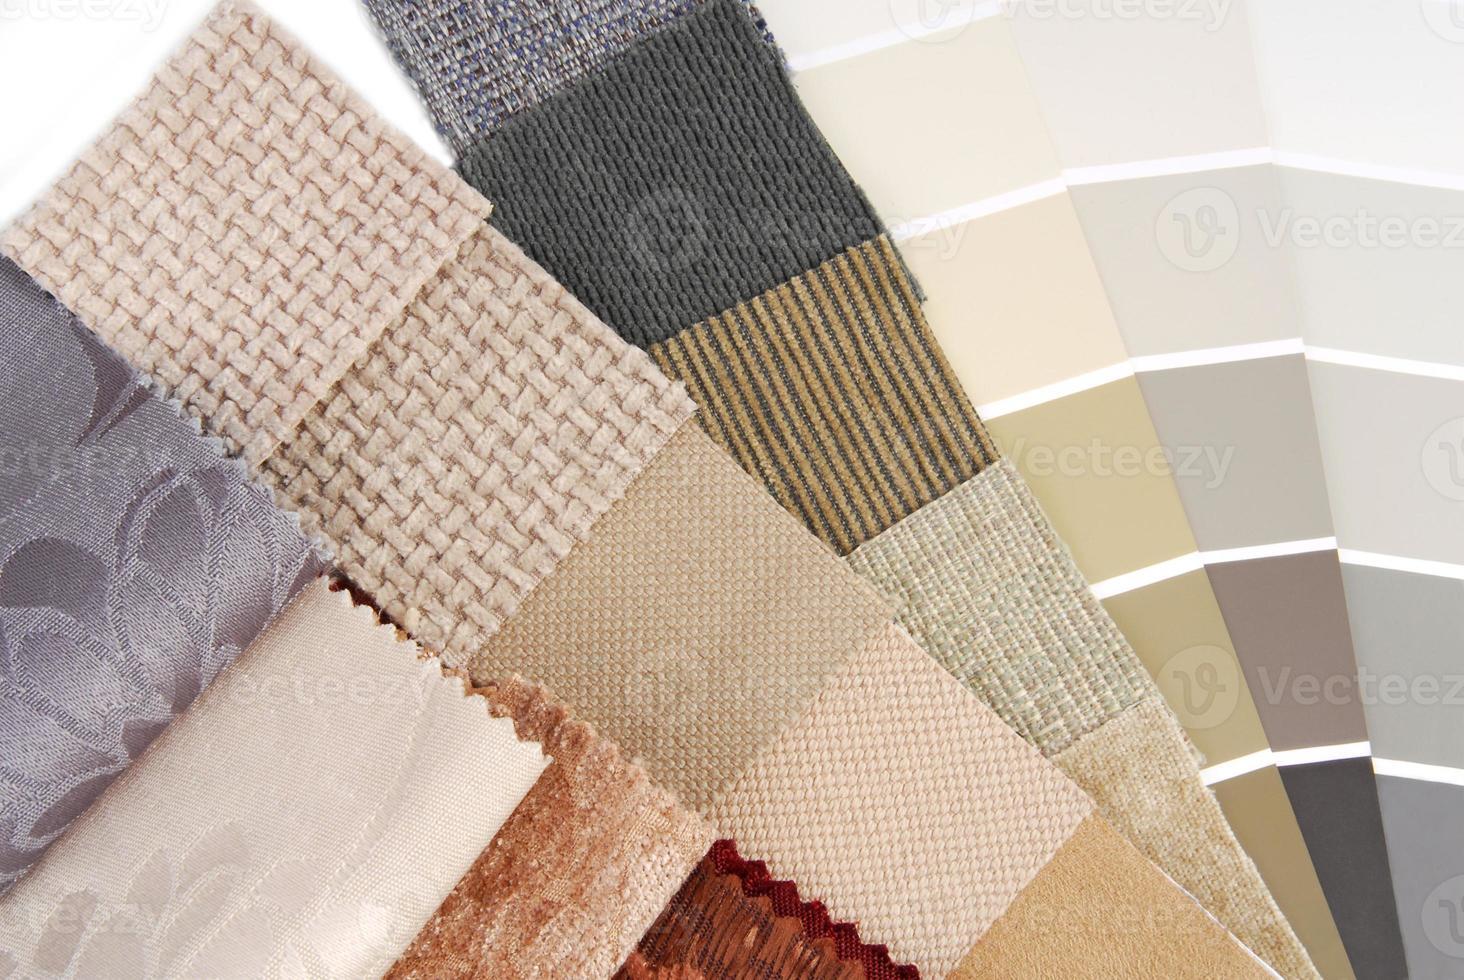 Tapicería de tapicería y selección de color de cortina para interior foto